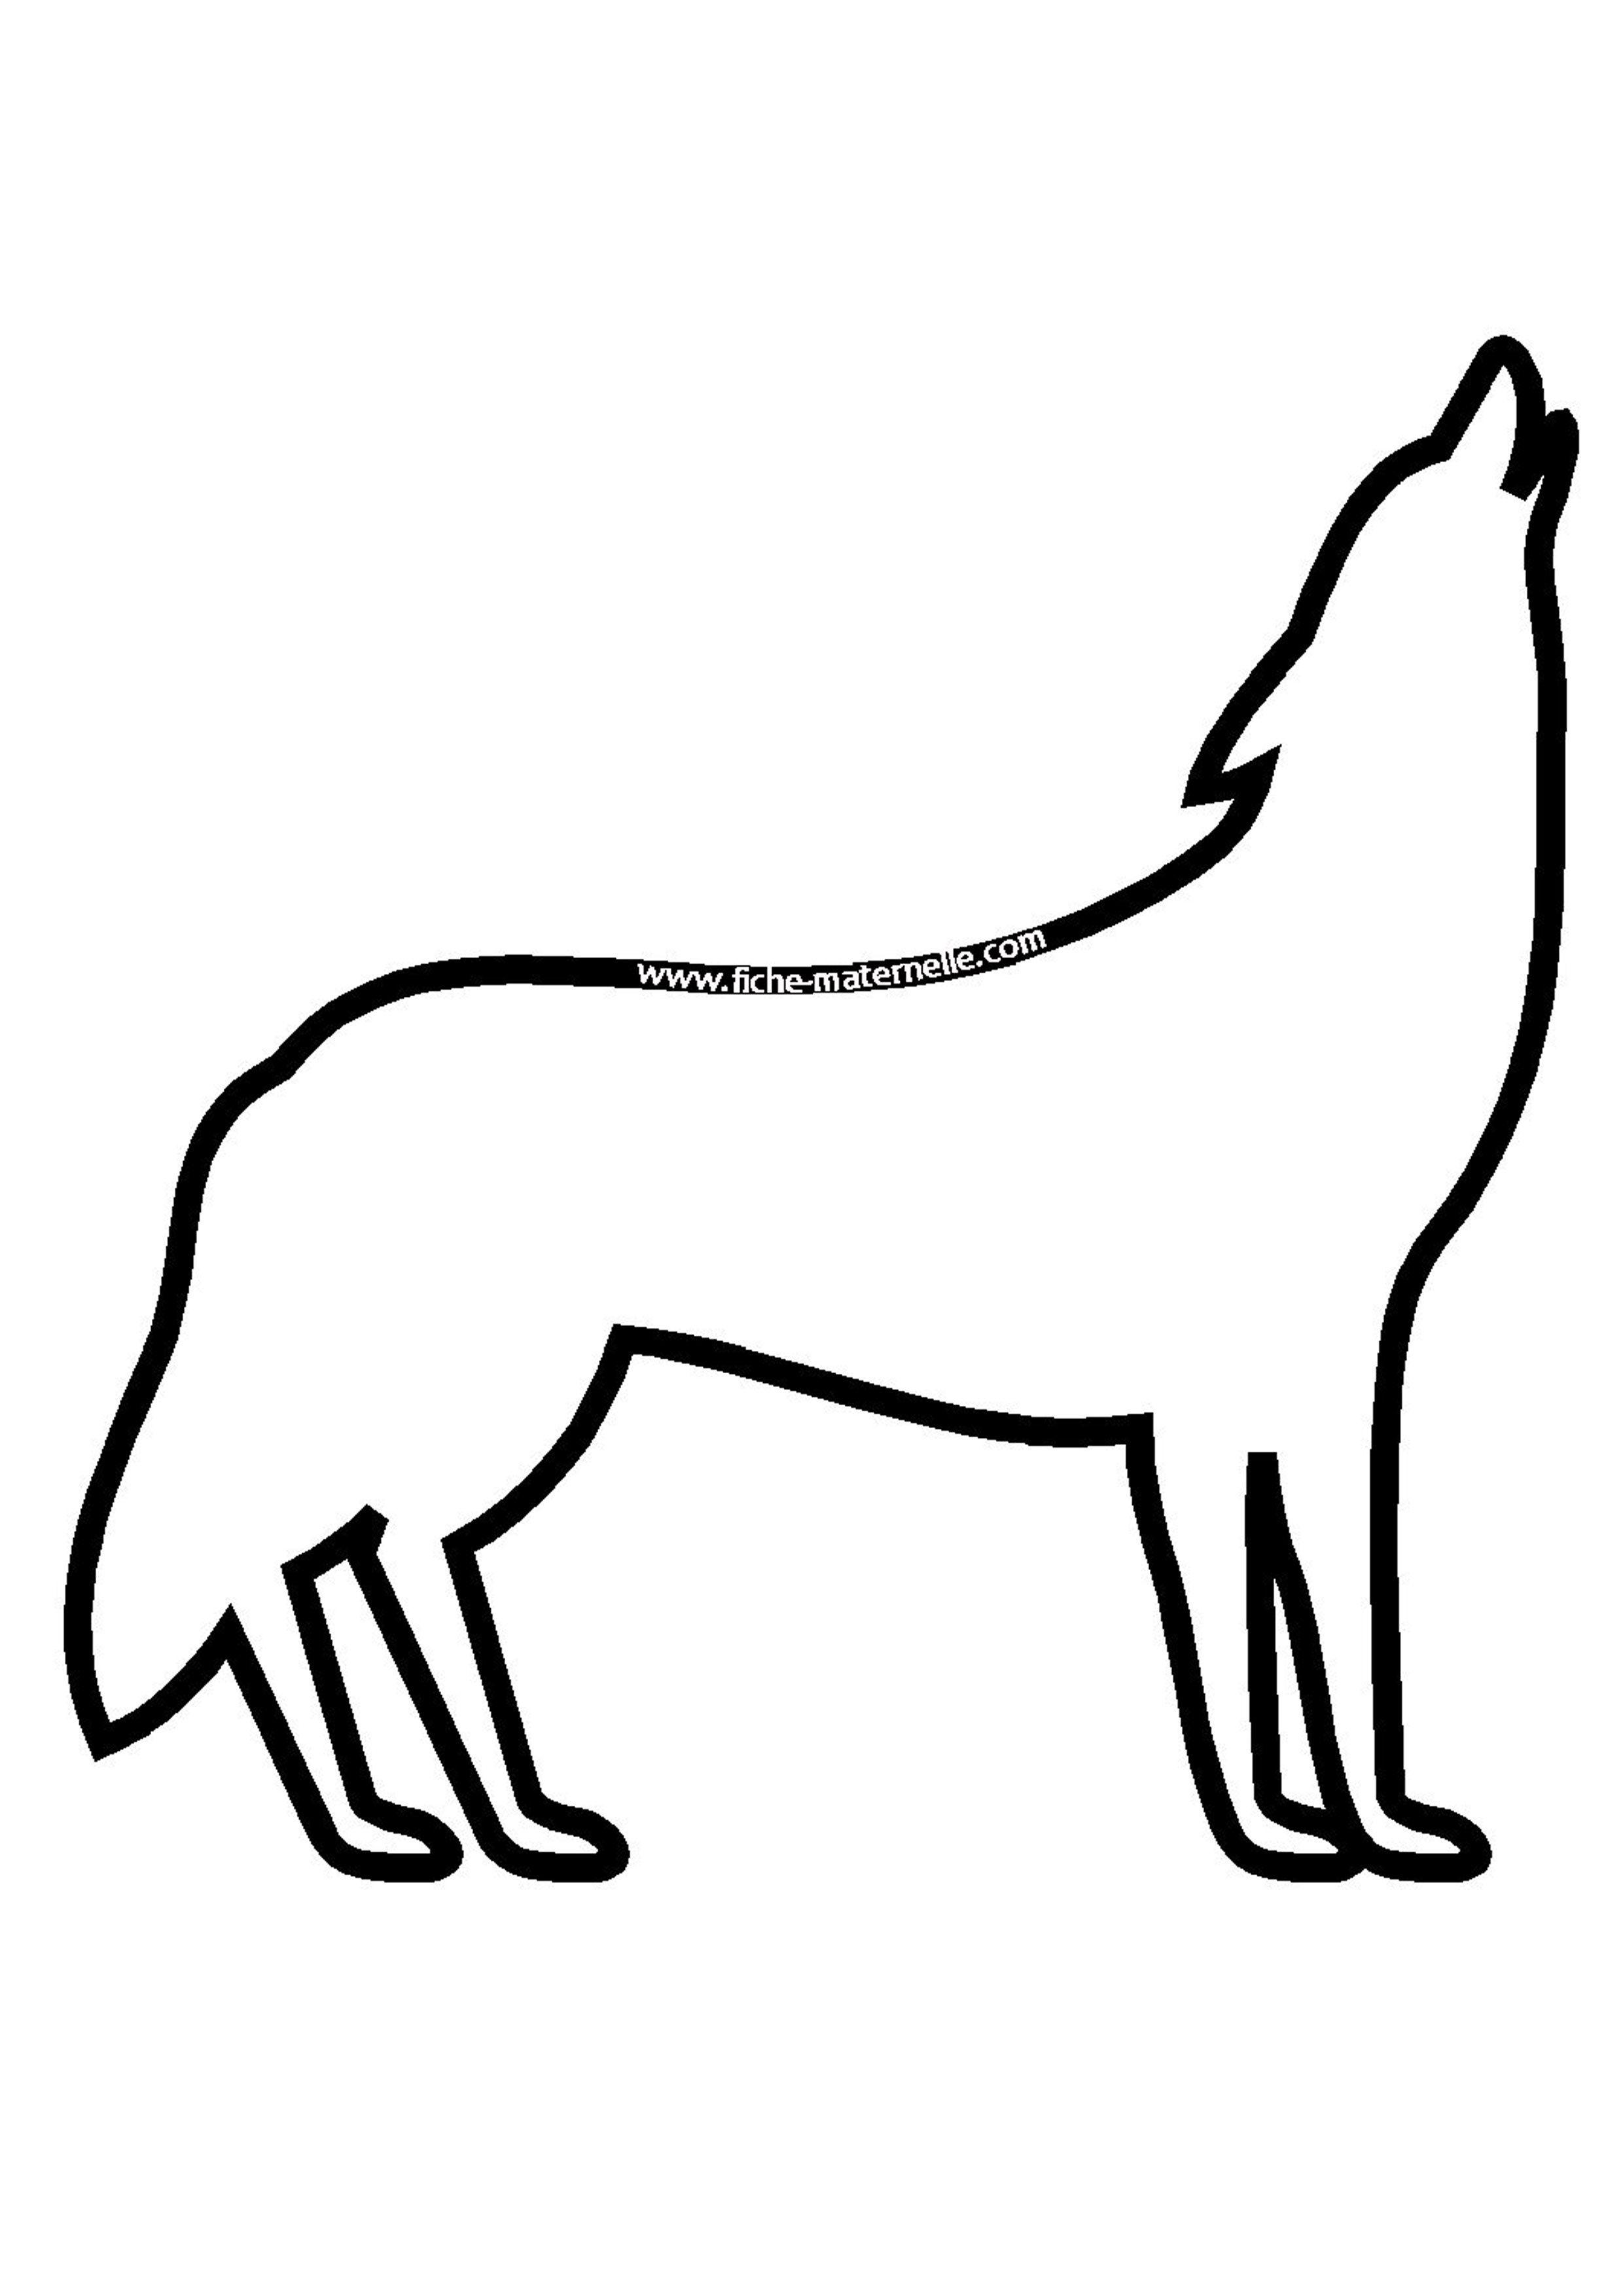 11 Simpliste Coloriage Loup Maternelle Image Coloriage Loup